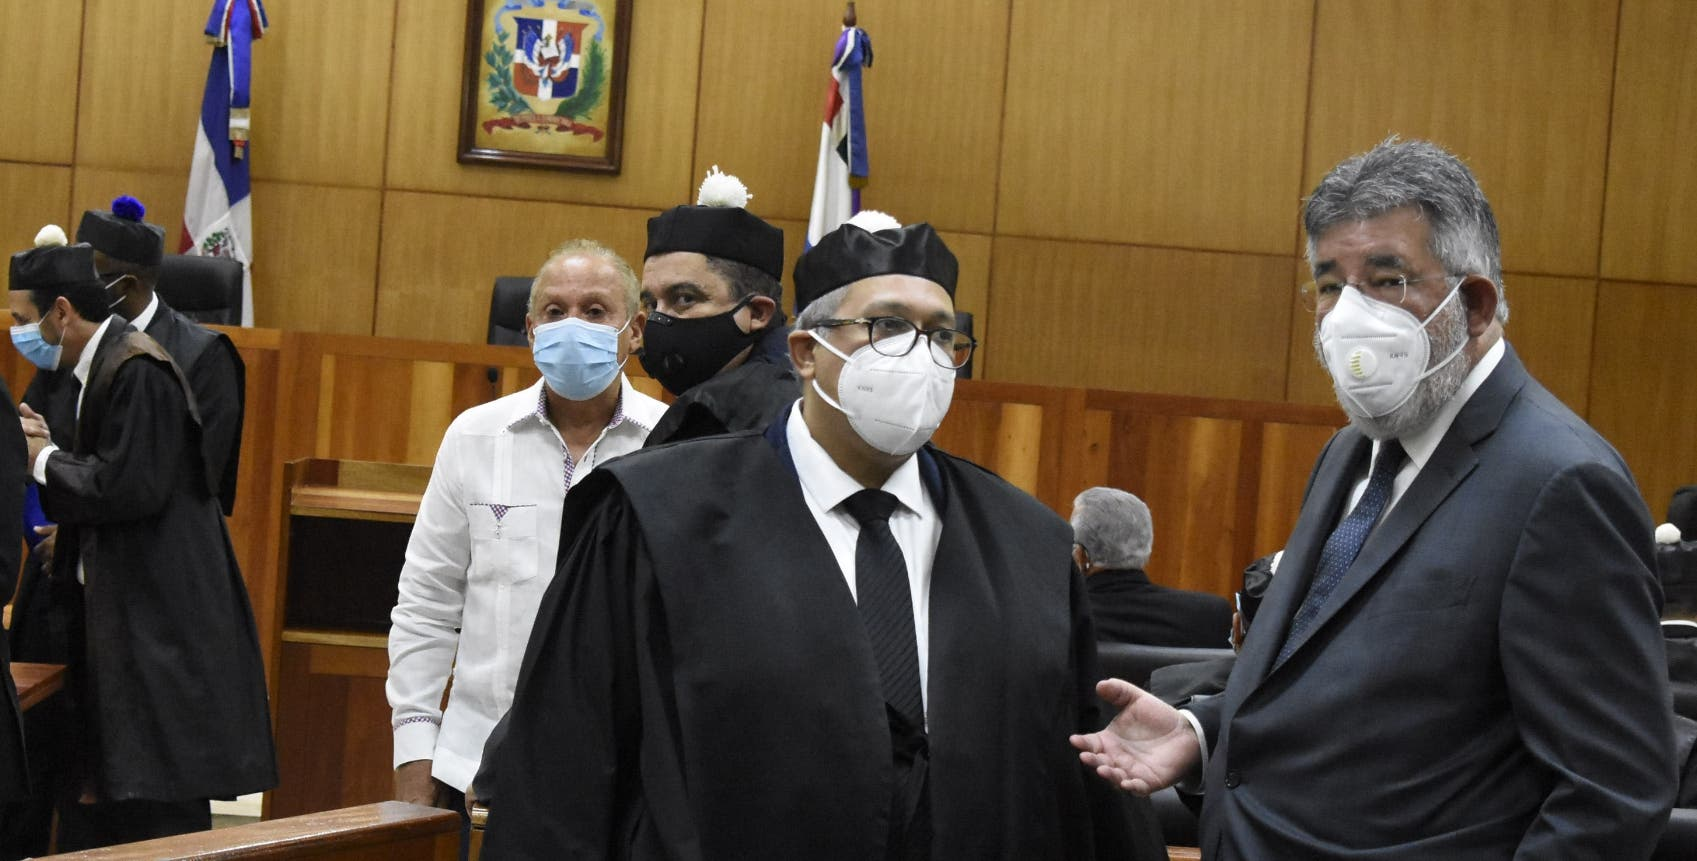 Archivos que se creían provisionales del caso Odebrecht son definitivos